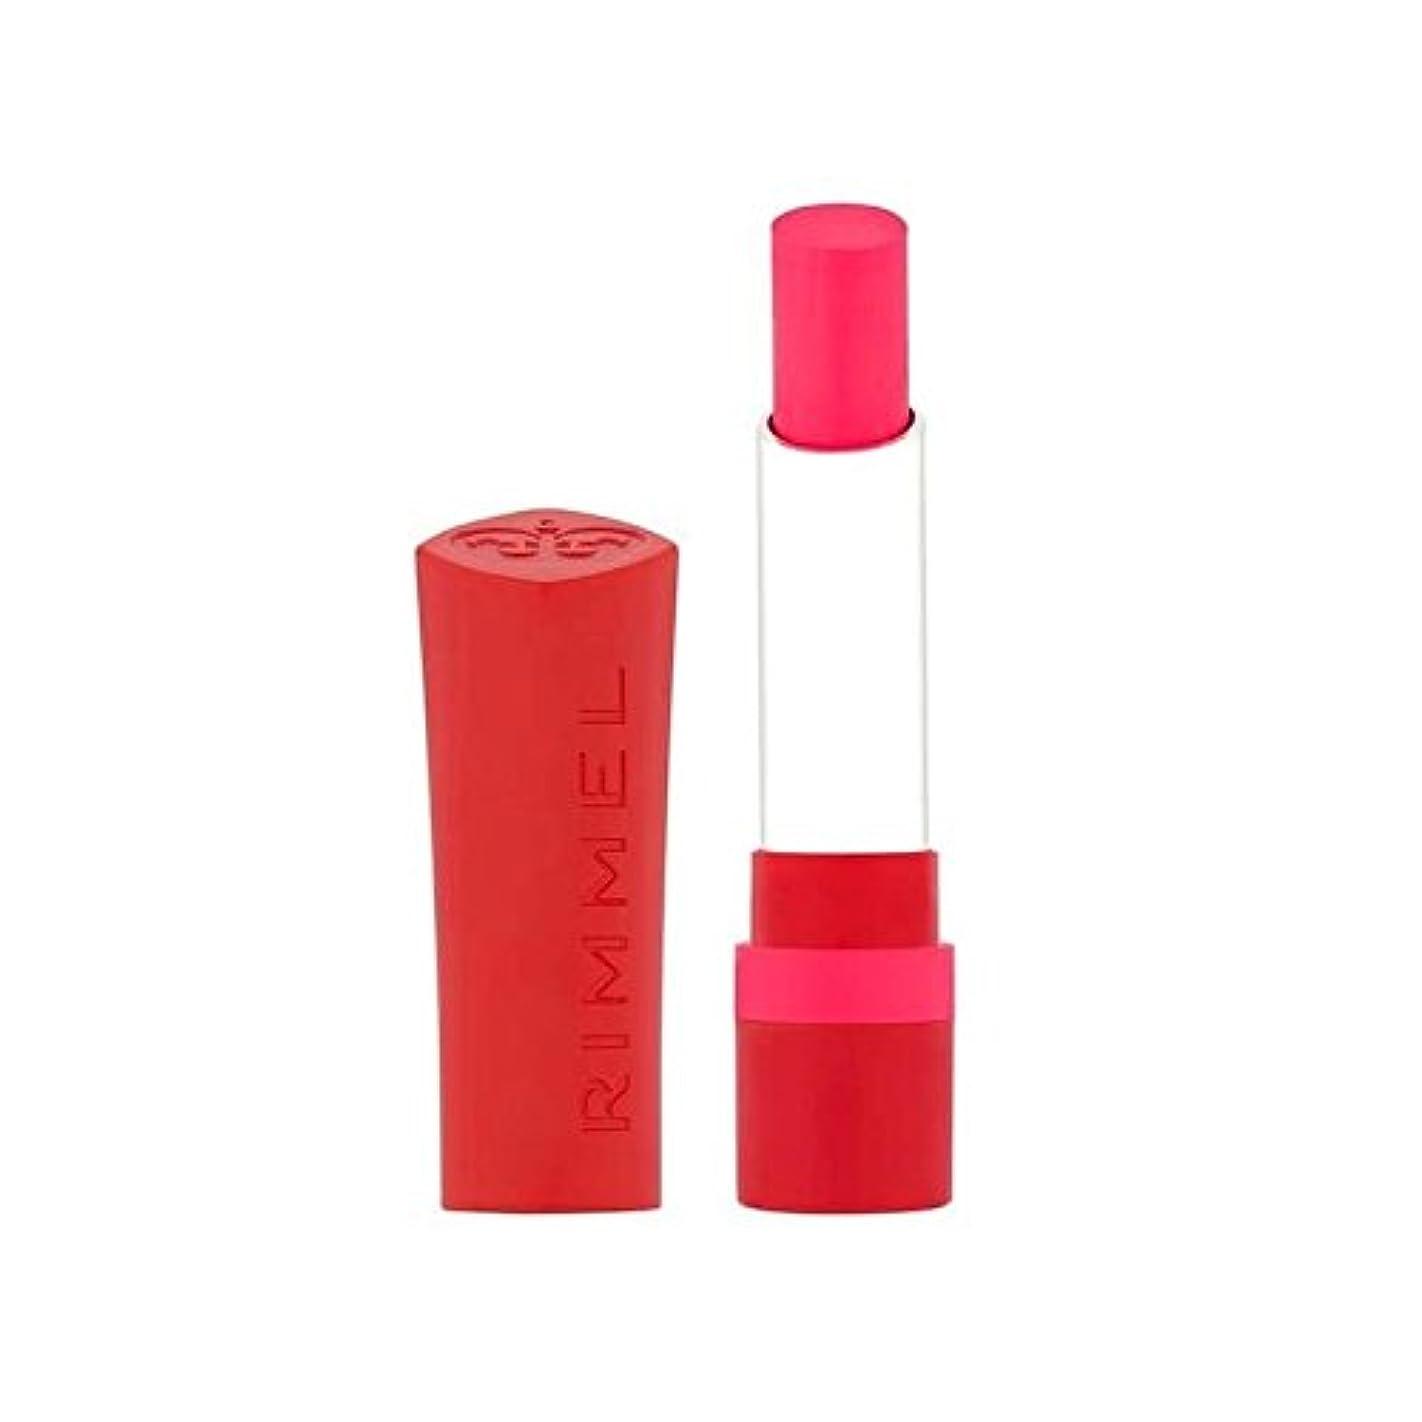 バンク釈義突然のリンメルのみ1枚のマット口紅は、ショットを呼び出します x2 - Rimmel The Only 1 Matte Lipstick Call the Shots (Pack of 2) [並行輸入品]